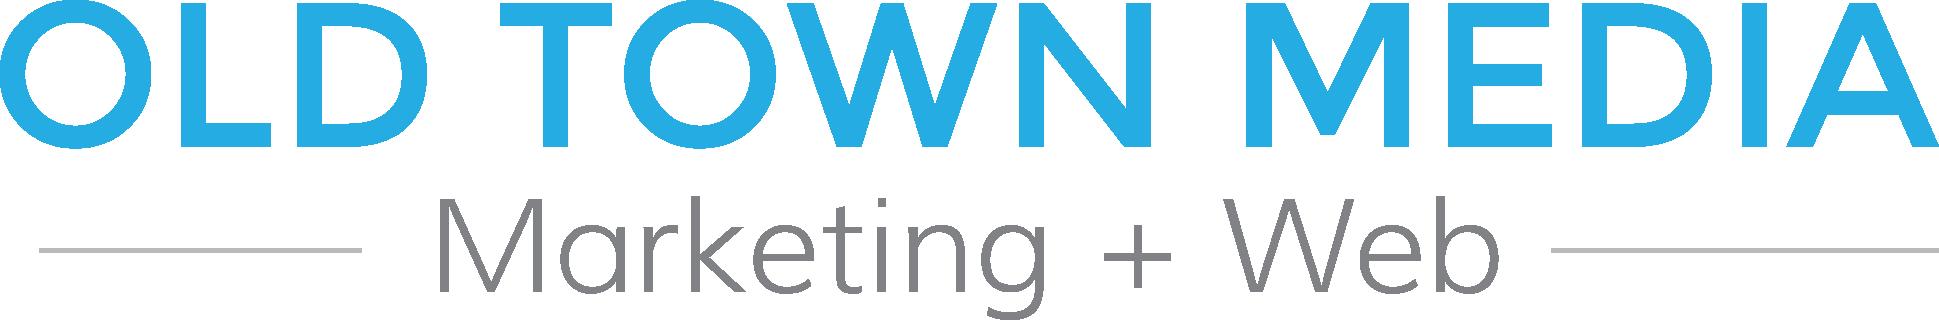 old-town-media_logo_Basic_2016